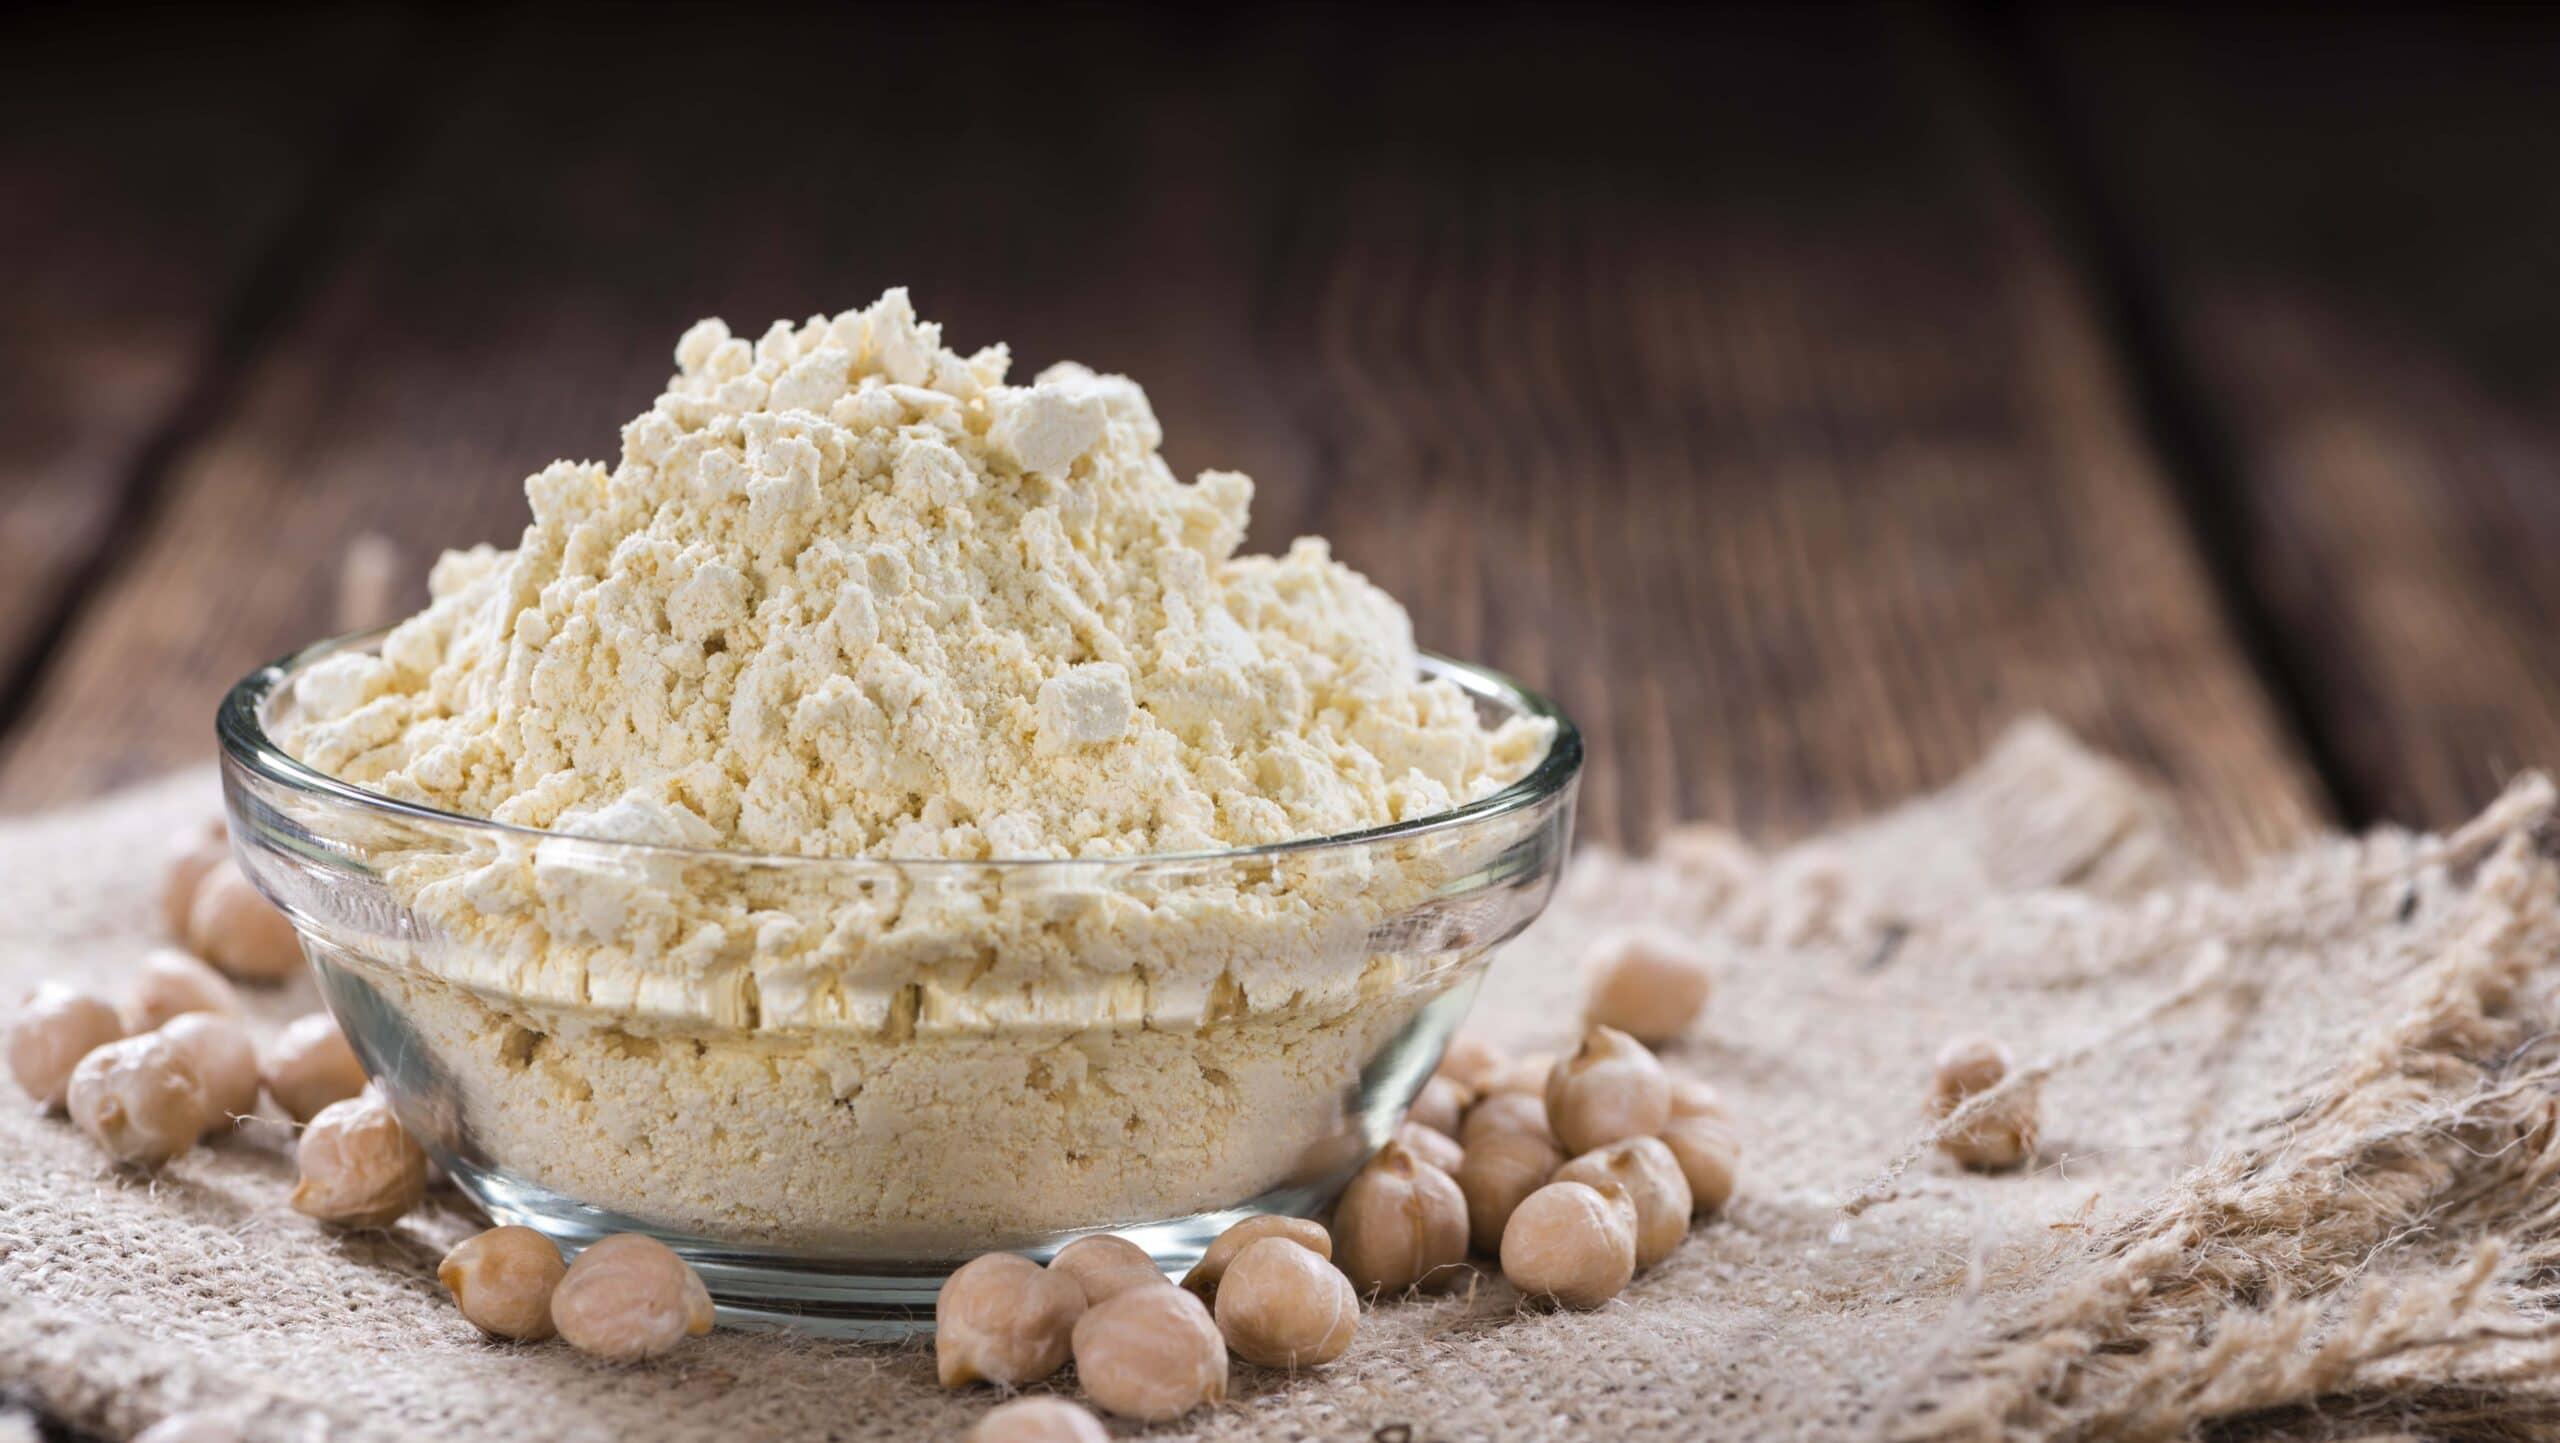 proteine vegetali per la palestra e il bodybuilding